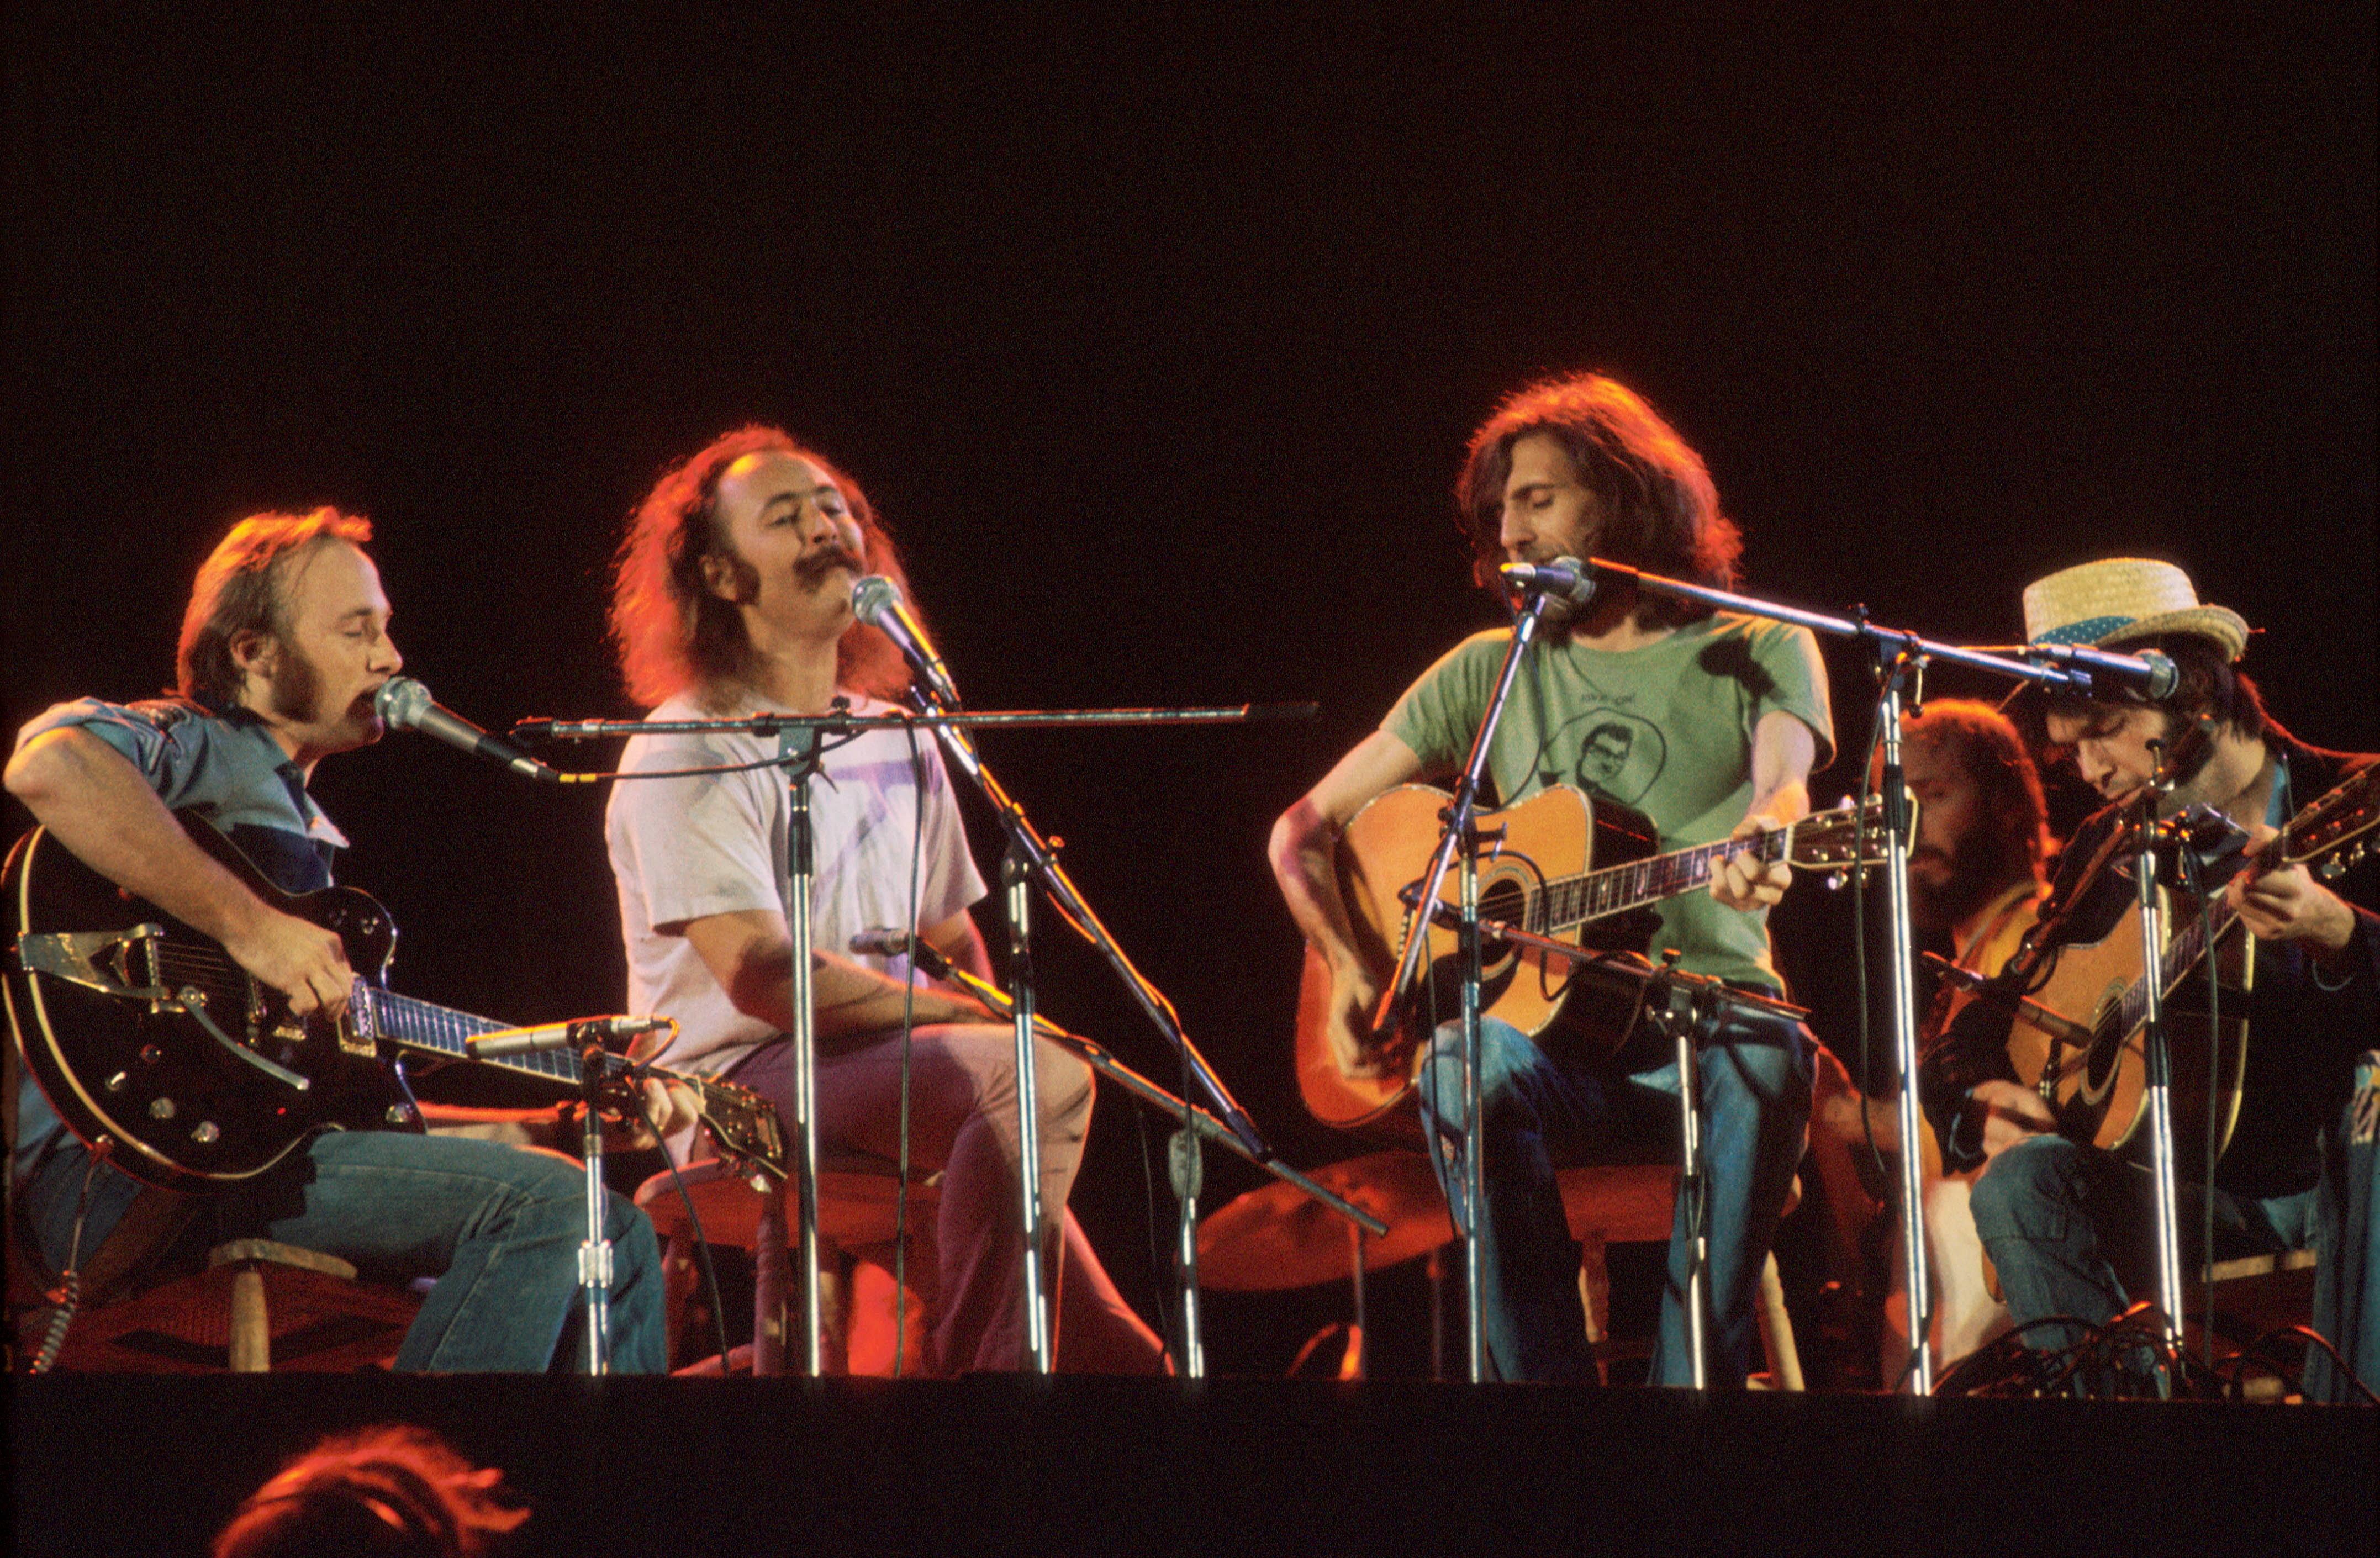 CSNY in 1974.